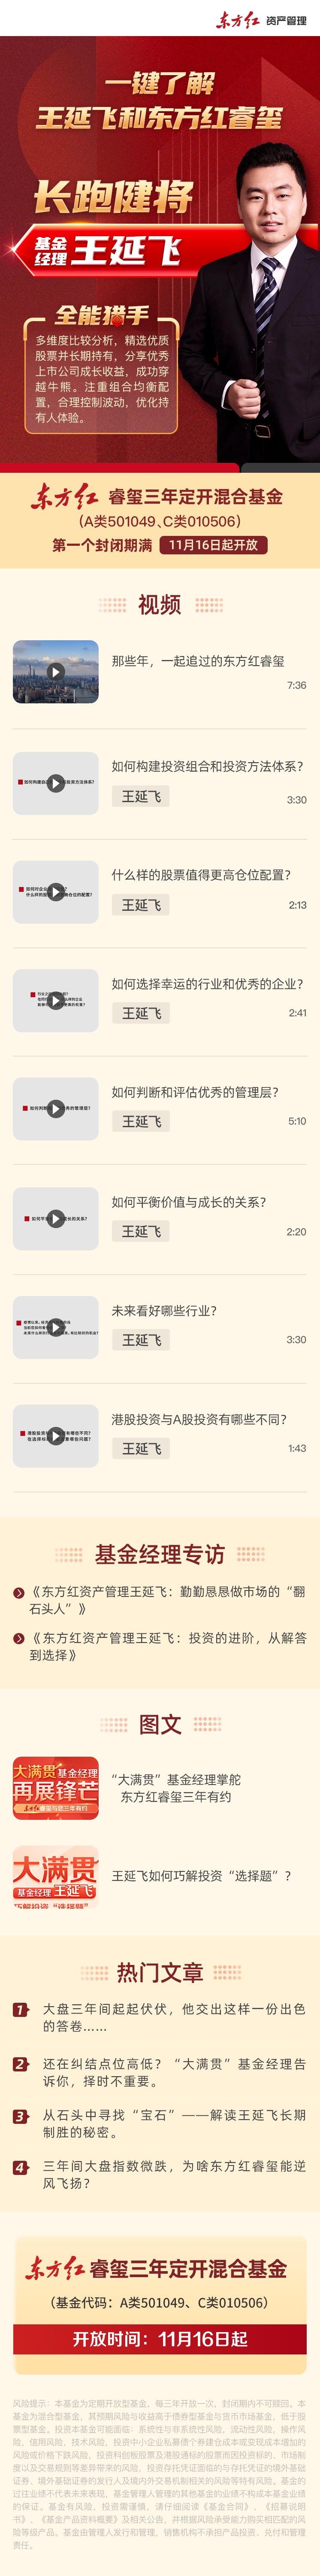 精华合集|一键了解基金经理王延飞和他管理的东方红睿玺